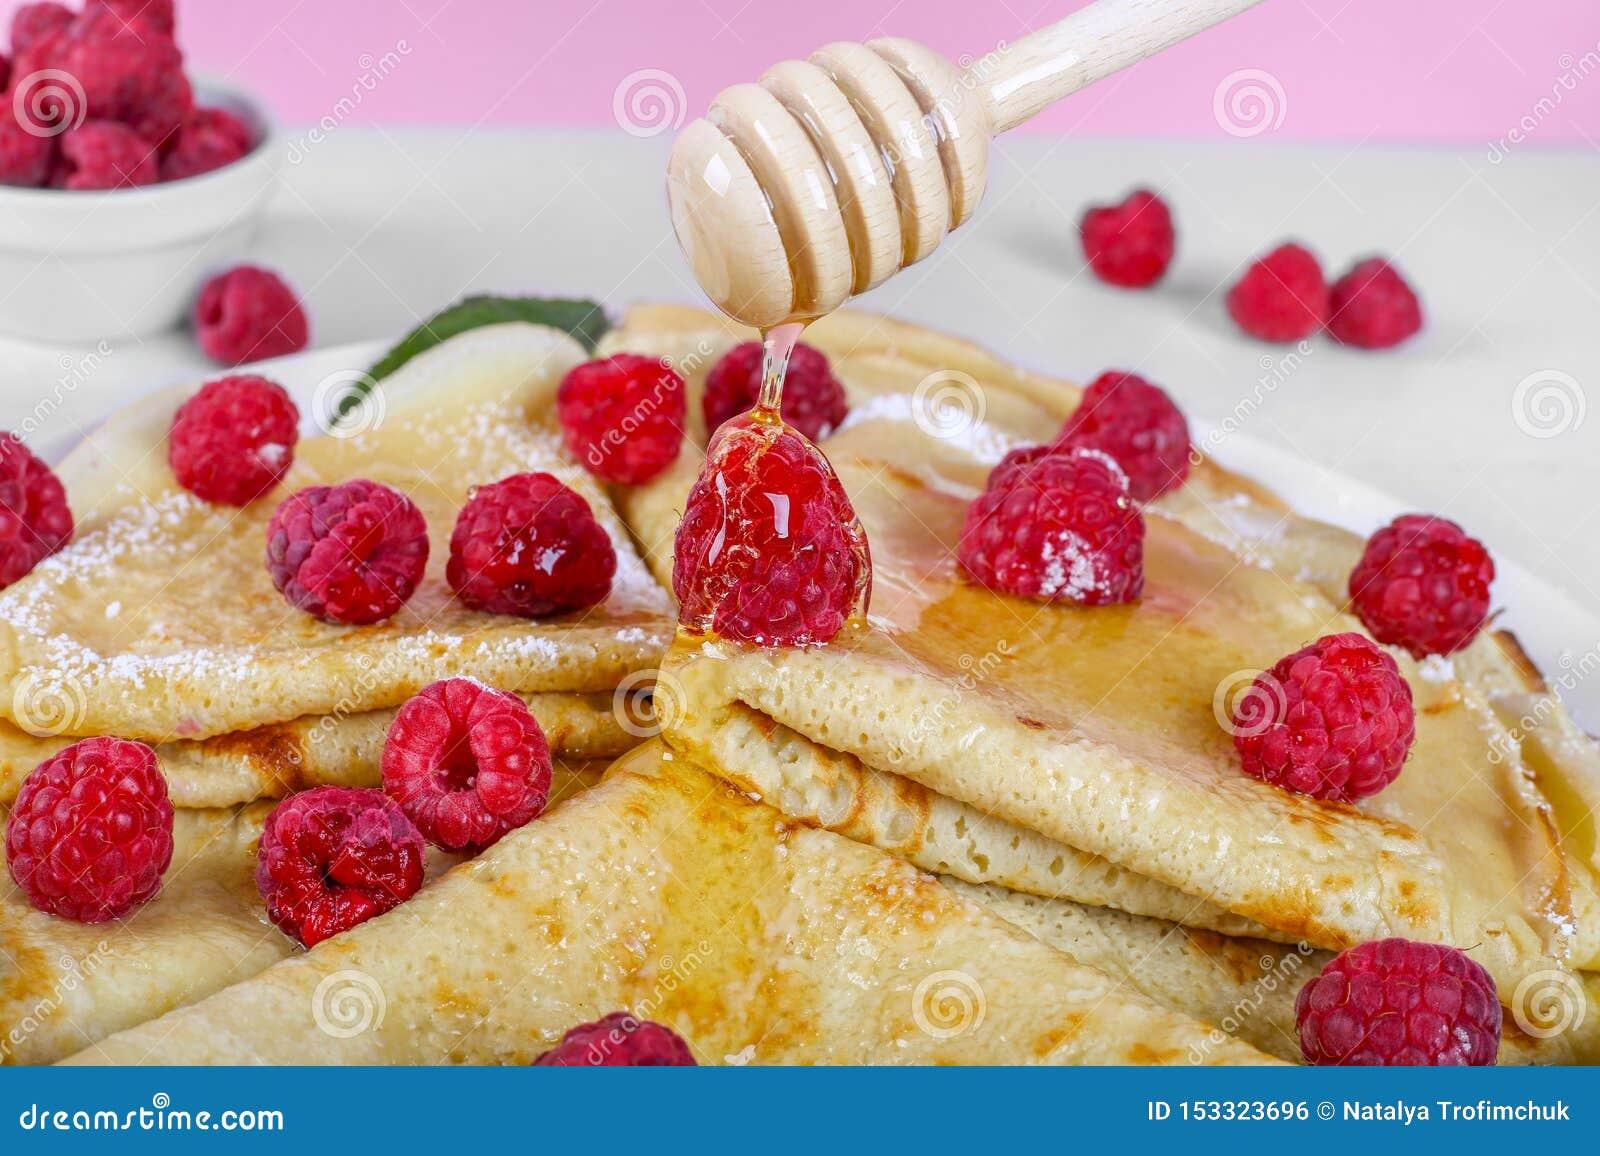 关闭打开顶面用莓和蜂蜜下落在薄煎饼的倾吐的蜂蜜 薄煎饼在木桌和桃红色上